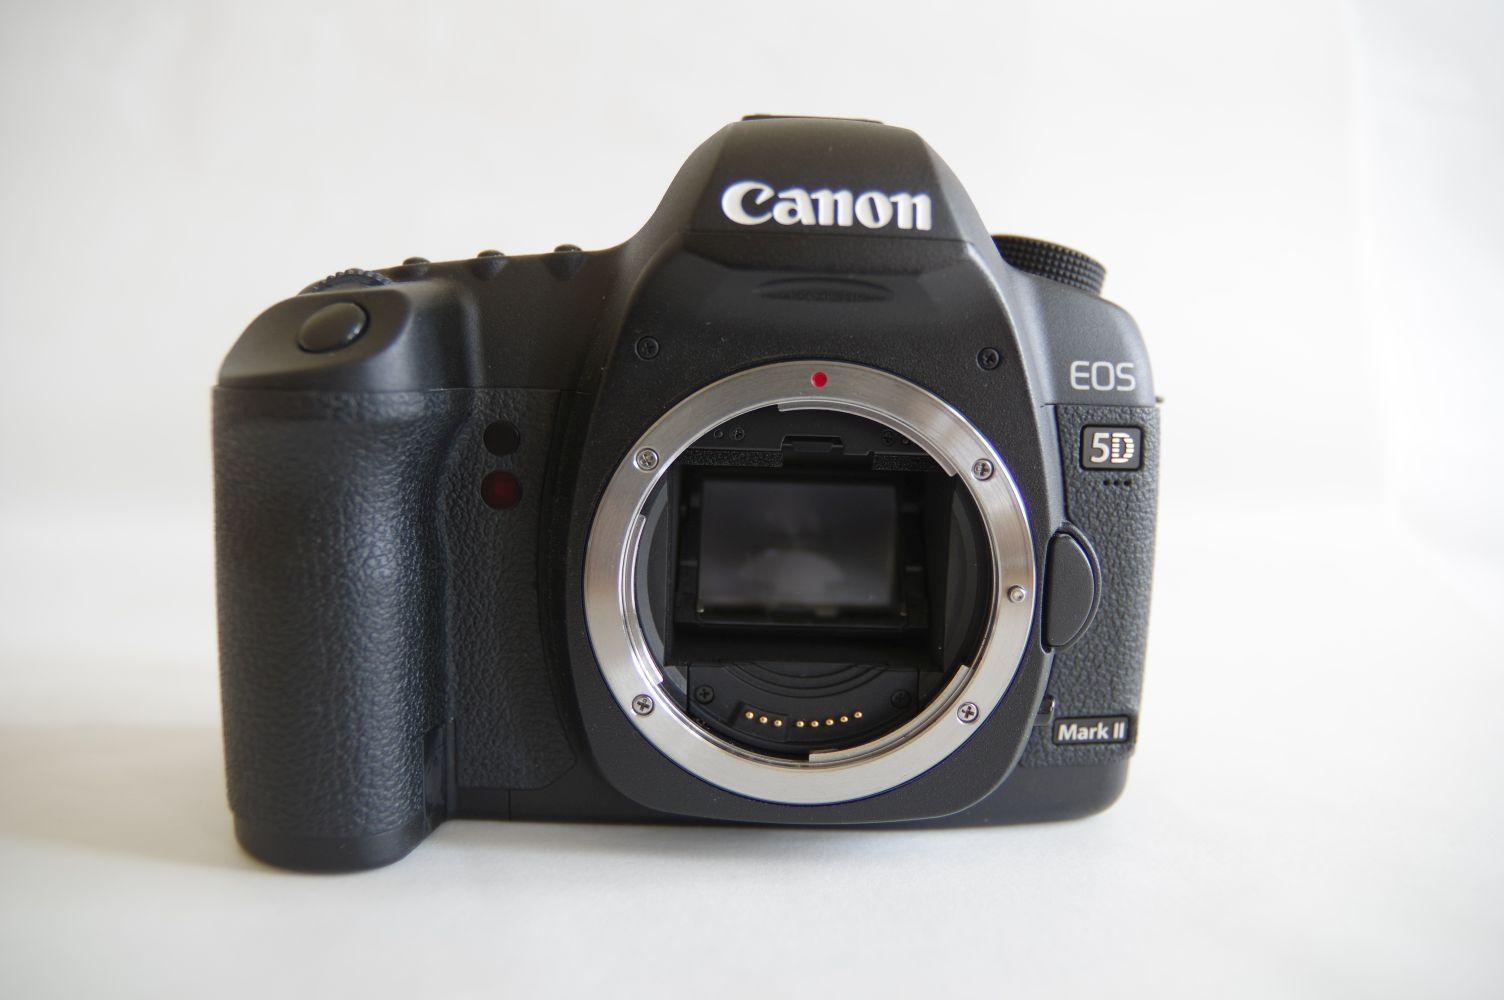 Canon EOS 5D Mark II Gehäuse / Body, nur 8958 Auslösungen